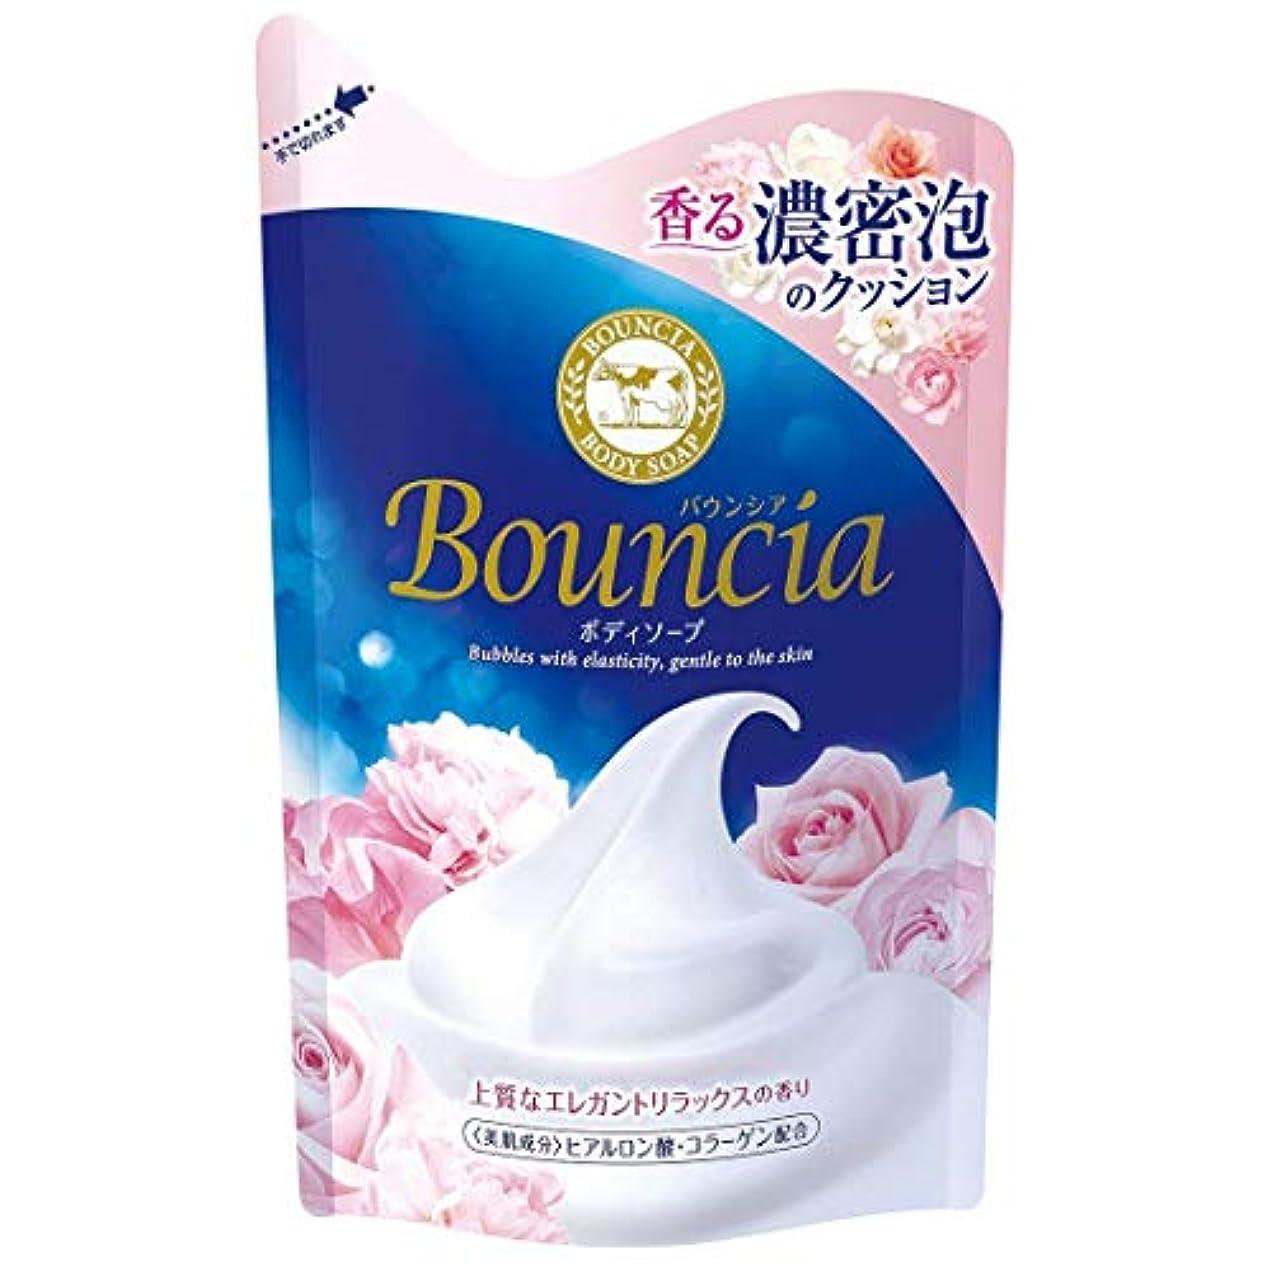 つまらない誠実さ番号【まとめ買い】 バウンシア ボディソープ エレガントリラックスの香り つめかえ用 430ml × 3個